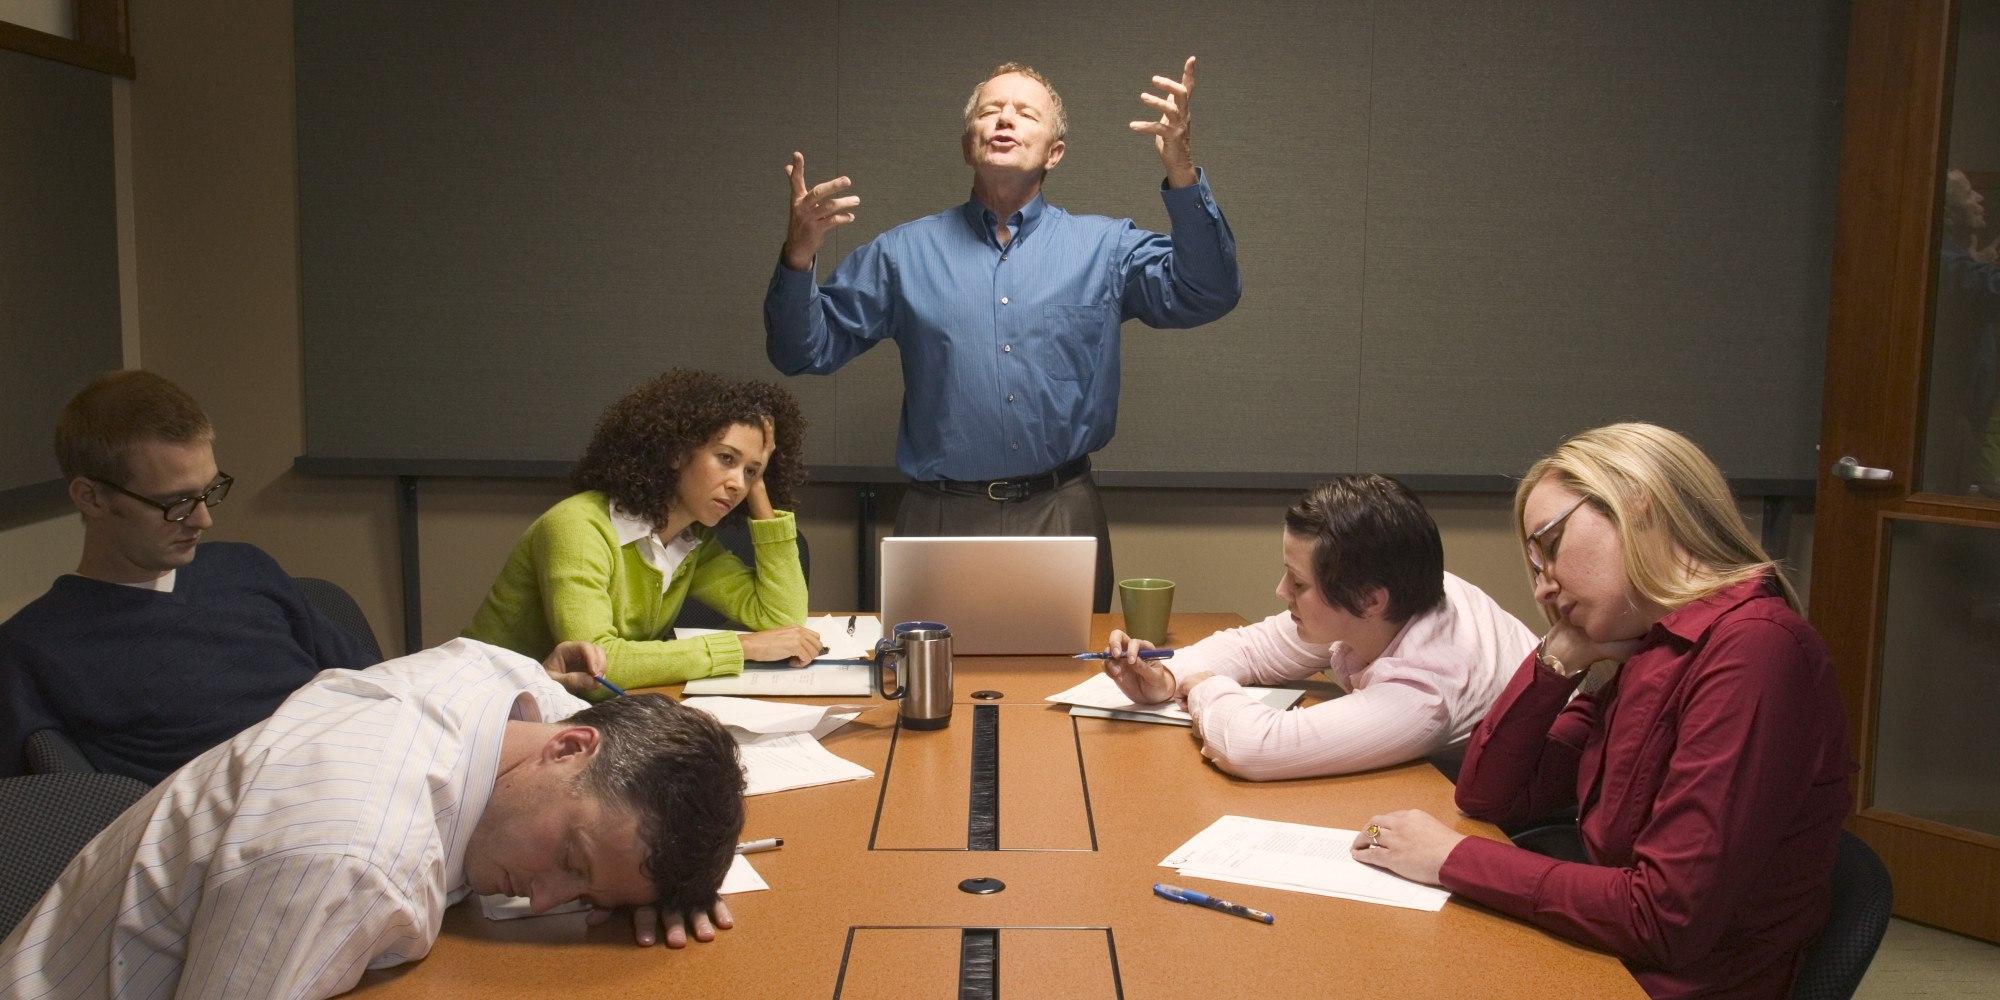 Смешные картинки про совещания руководителей, мужчине солидная открытка